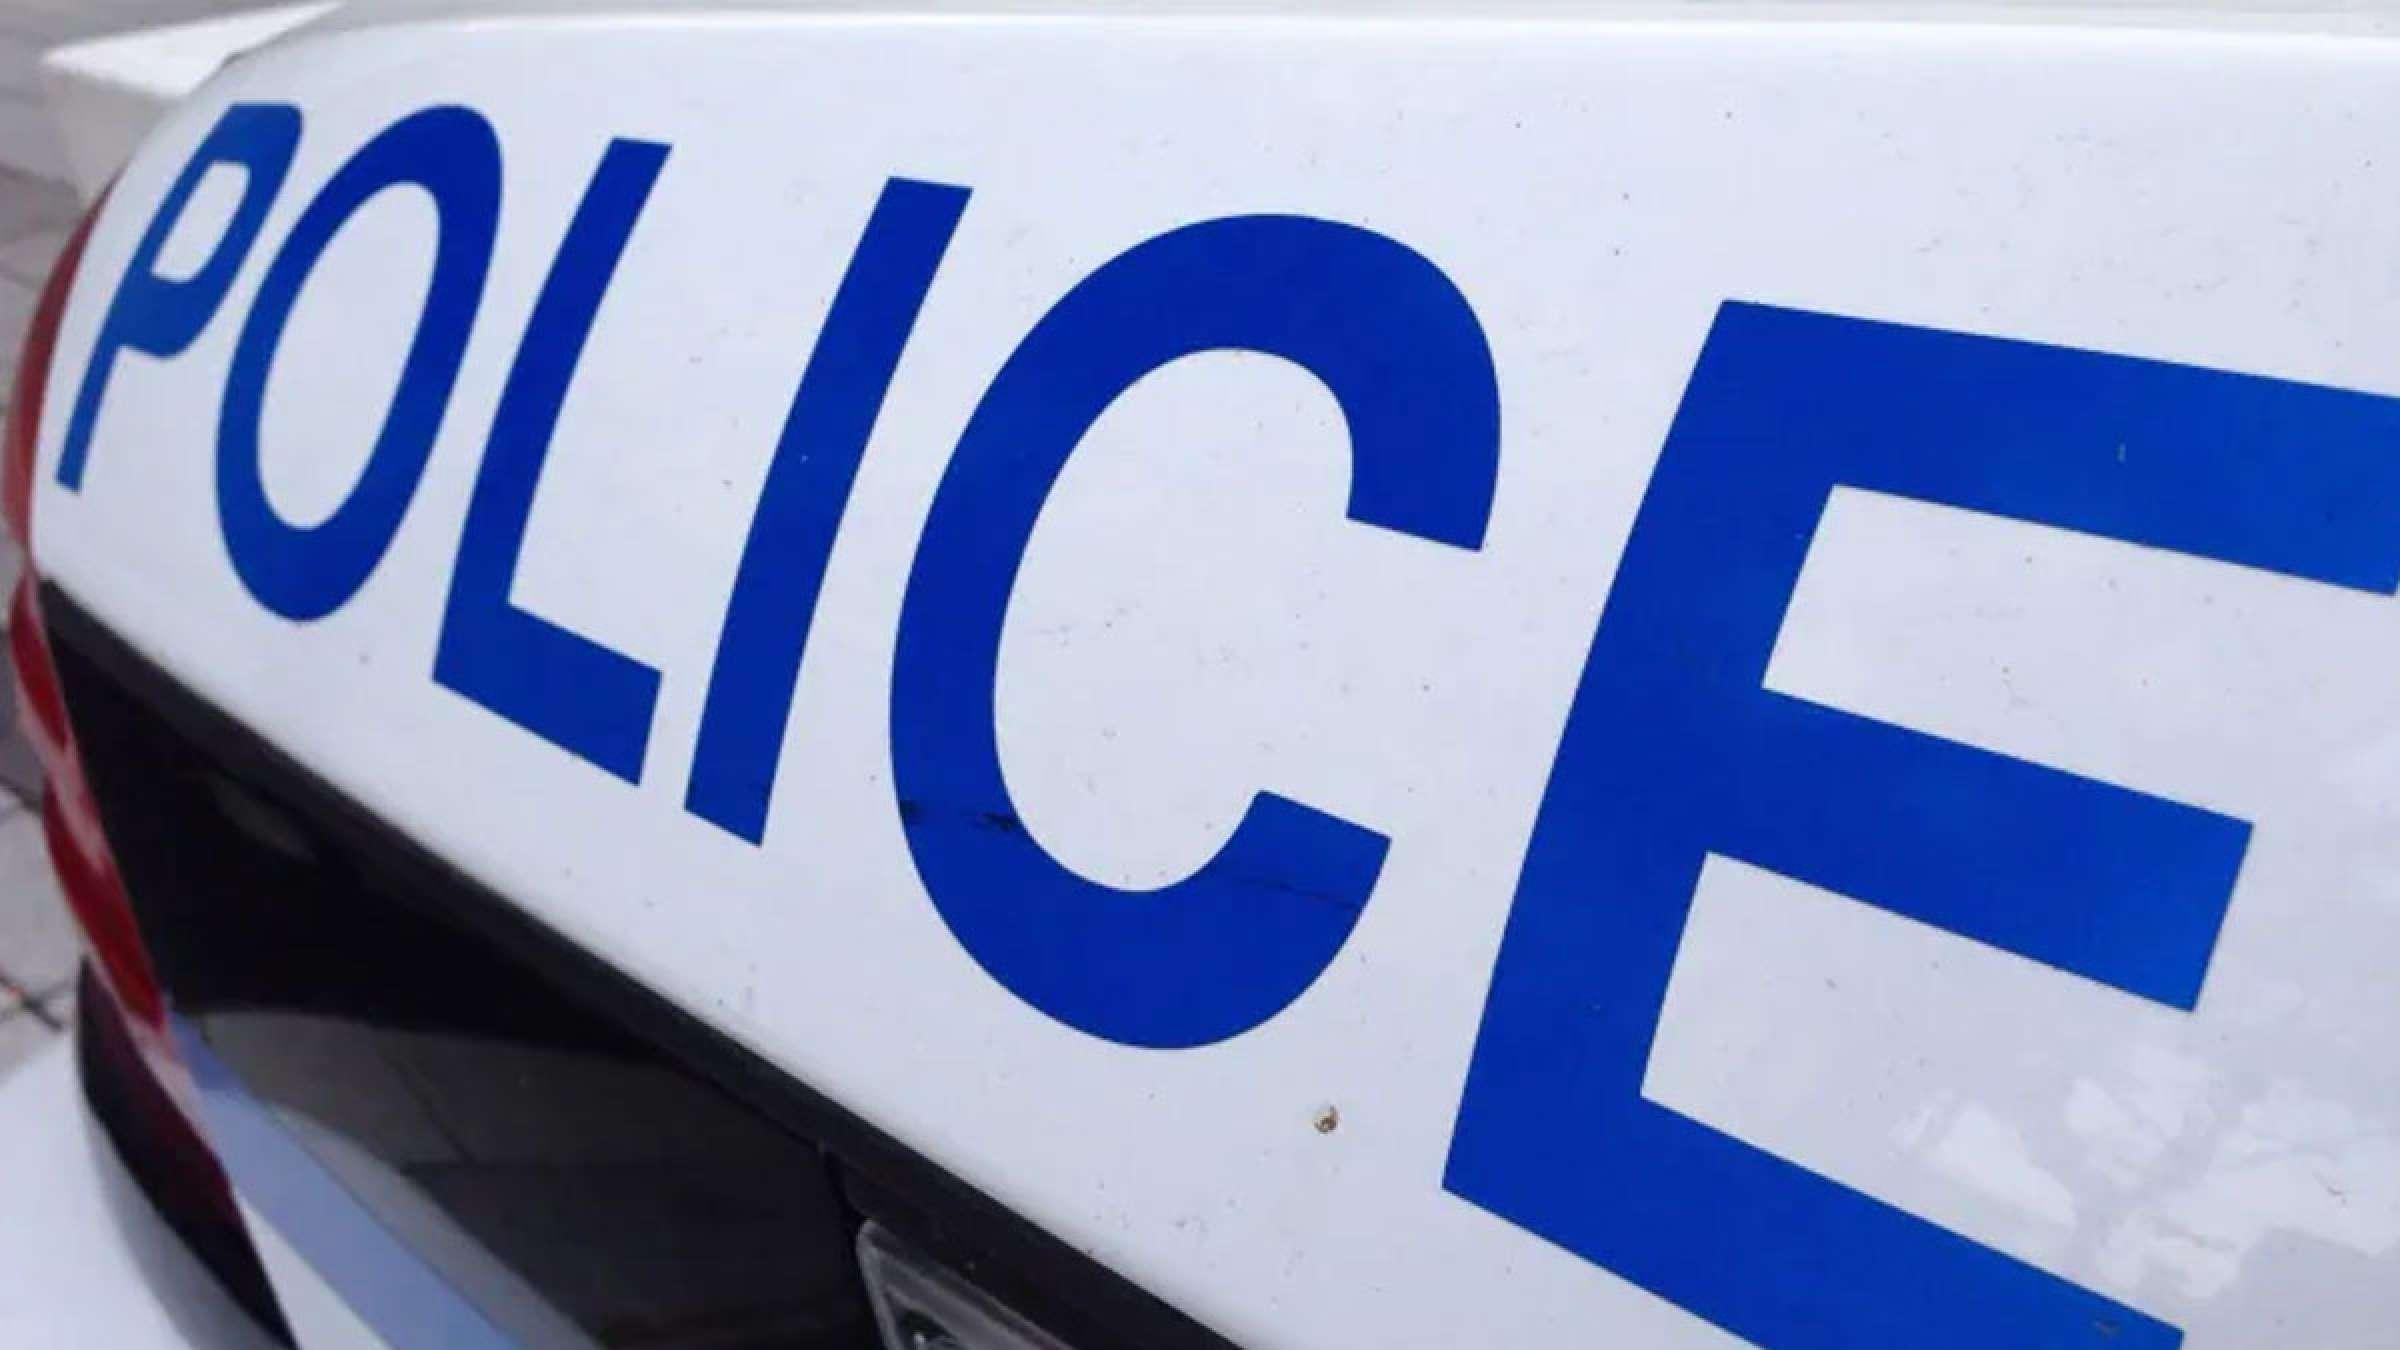 اخبار-تورنتو-پلیس-دستور-در-خانه-ماندن-را-اجرا-می-کند-واکسیناسیون-۱۸-سال-به-بالا